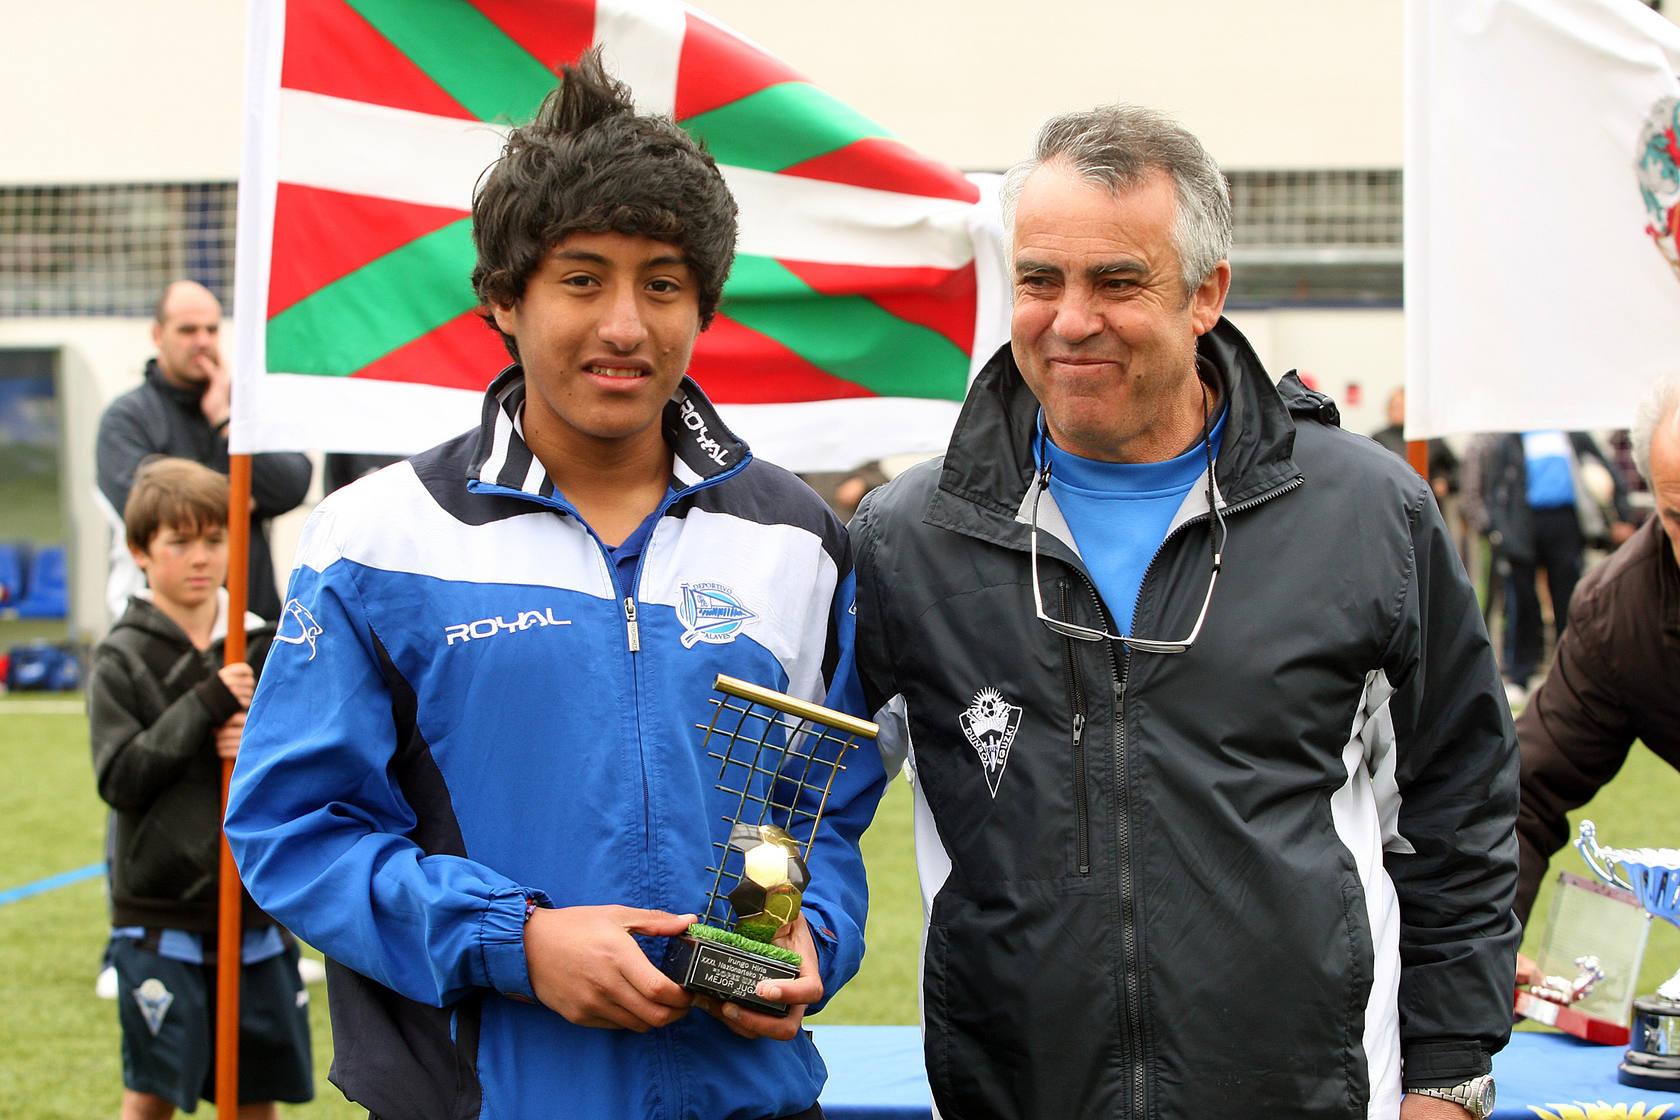 Los cadetes de la Real Sociedad ganan el trofeo López Ufarte